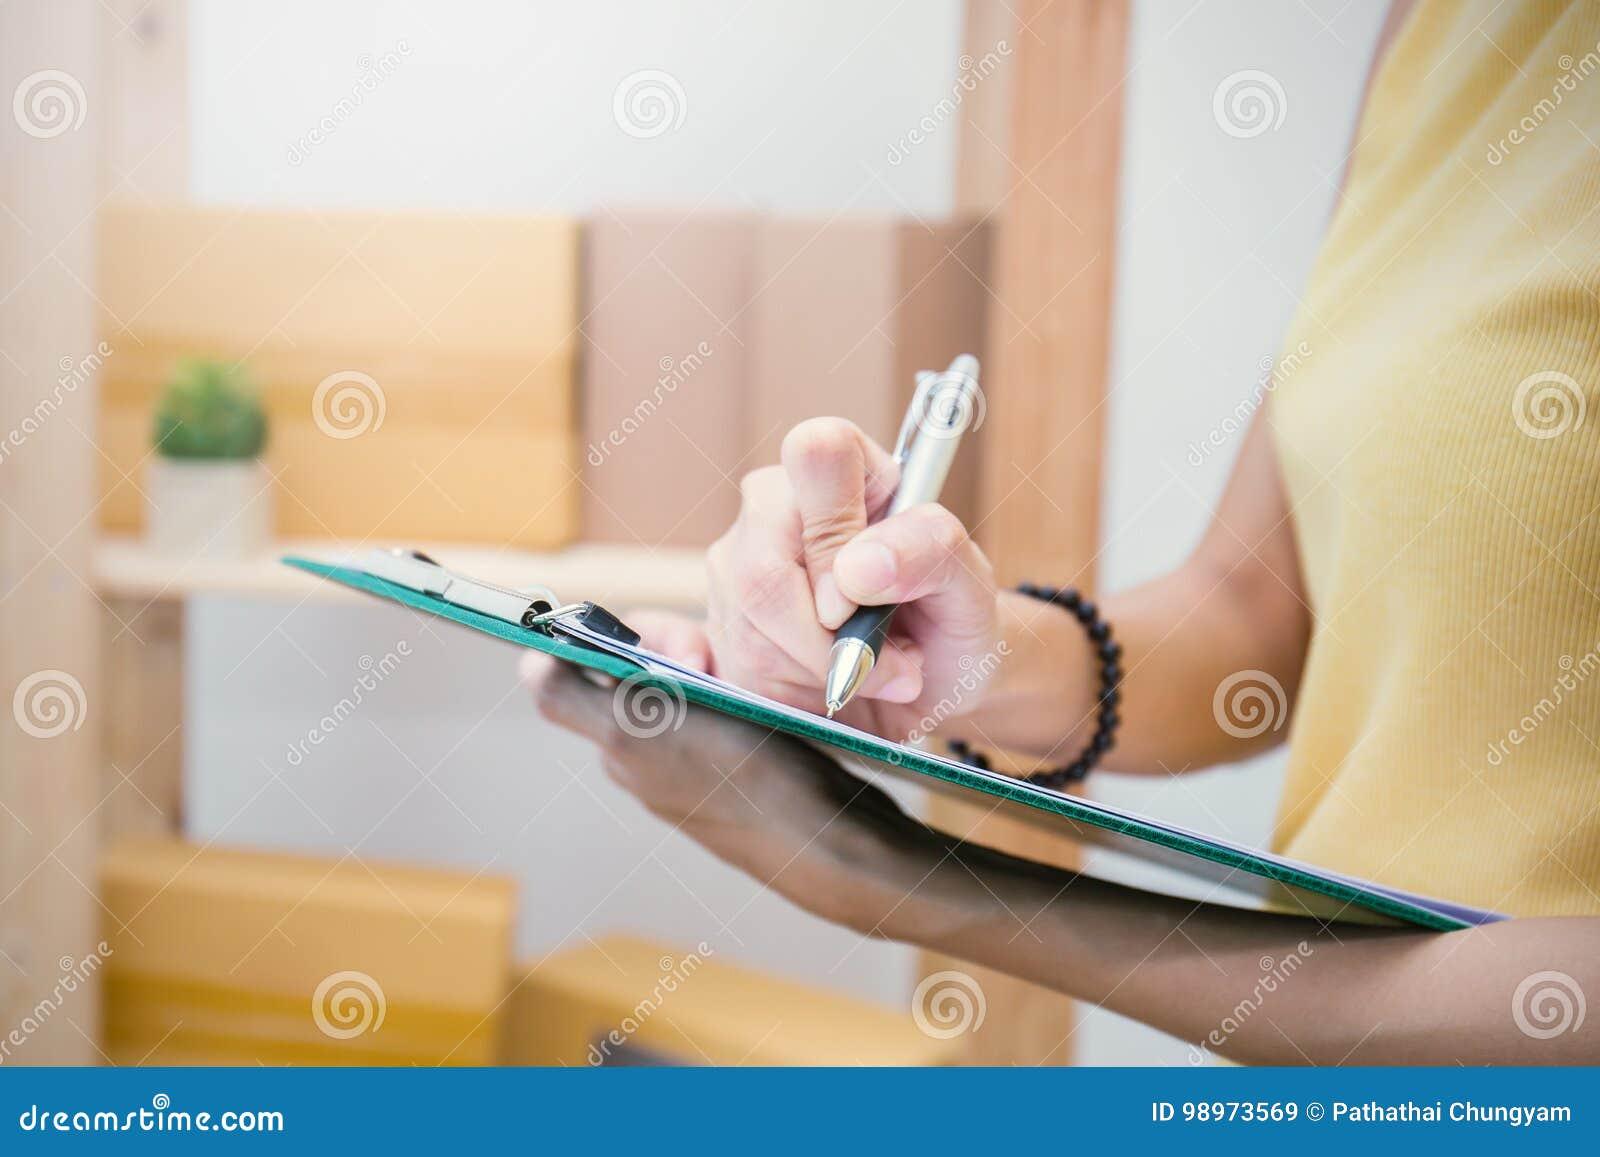 Boîte d emballage de marketing en ligne et livraison, concept de PME